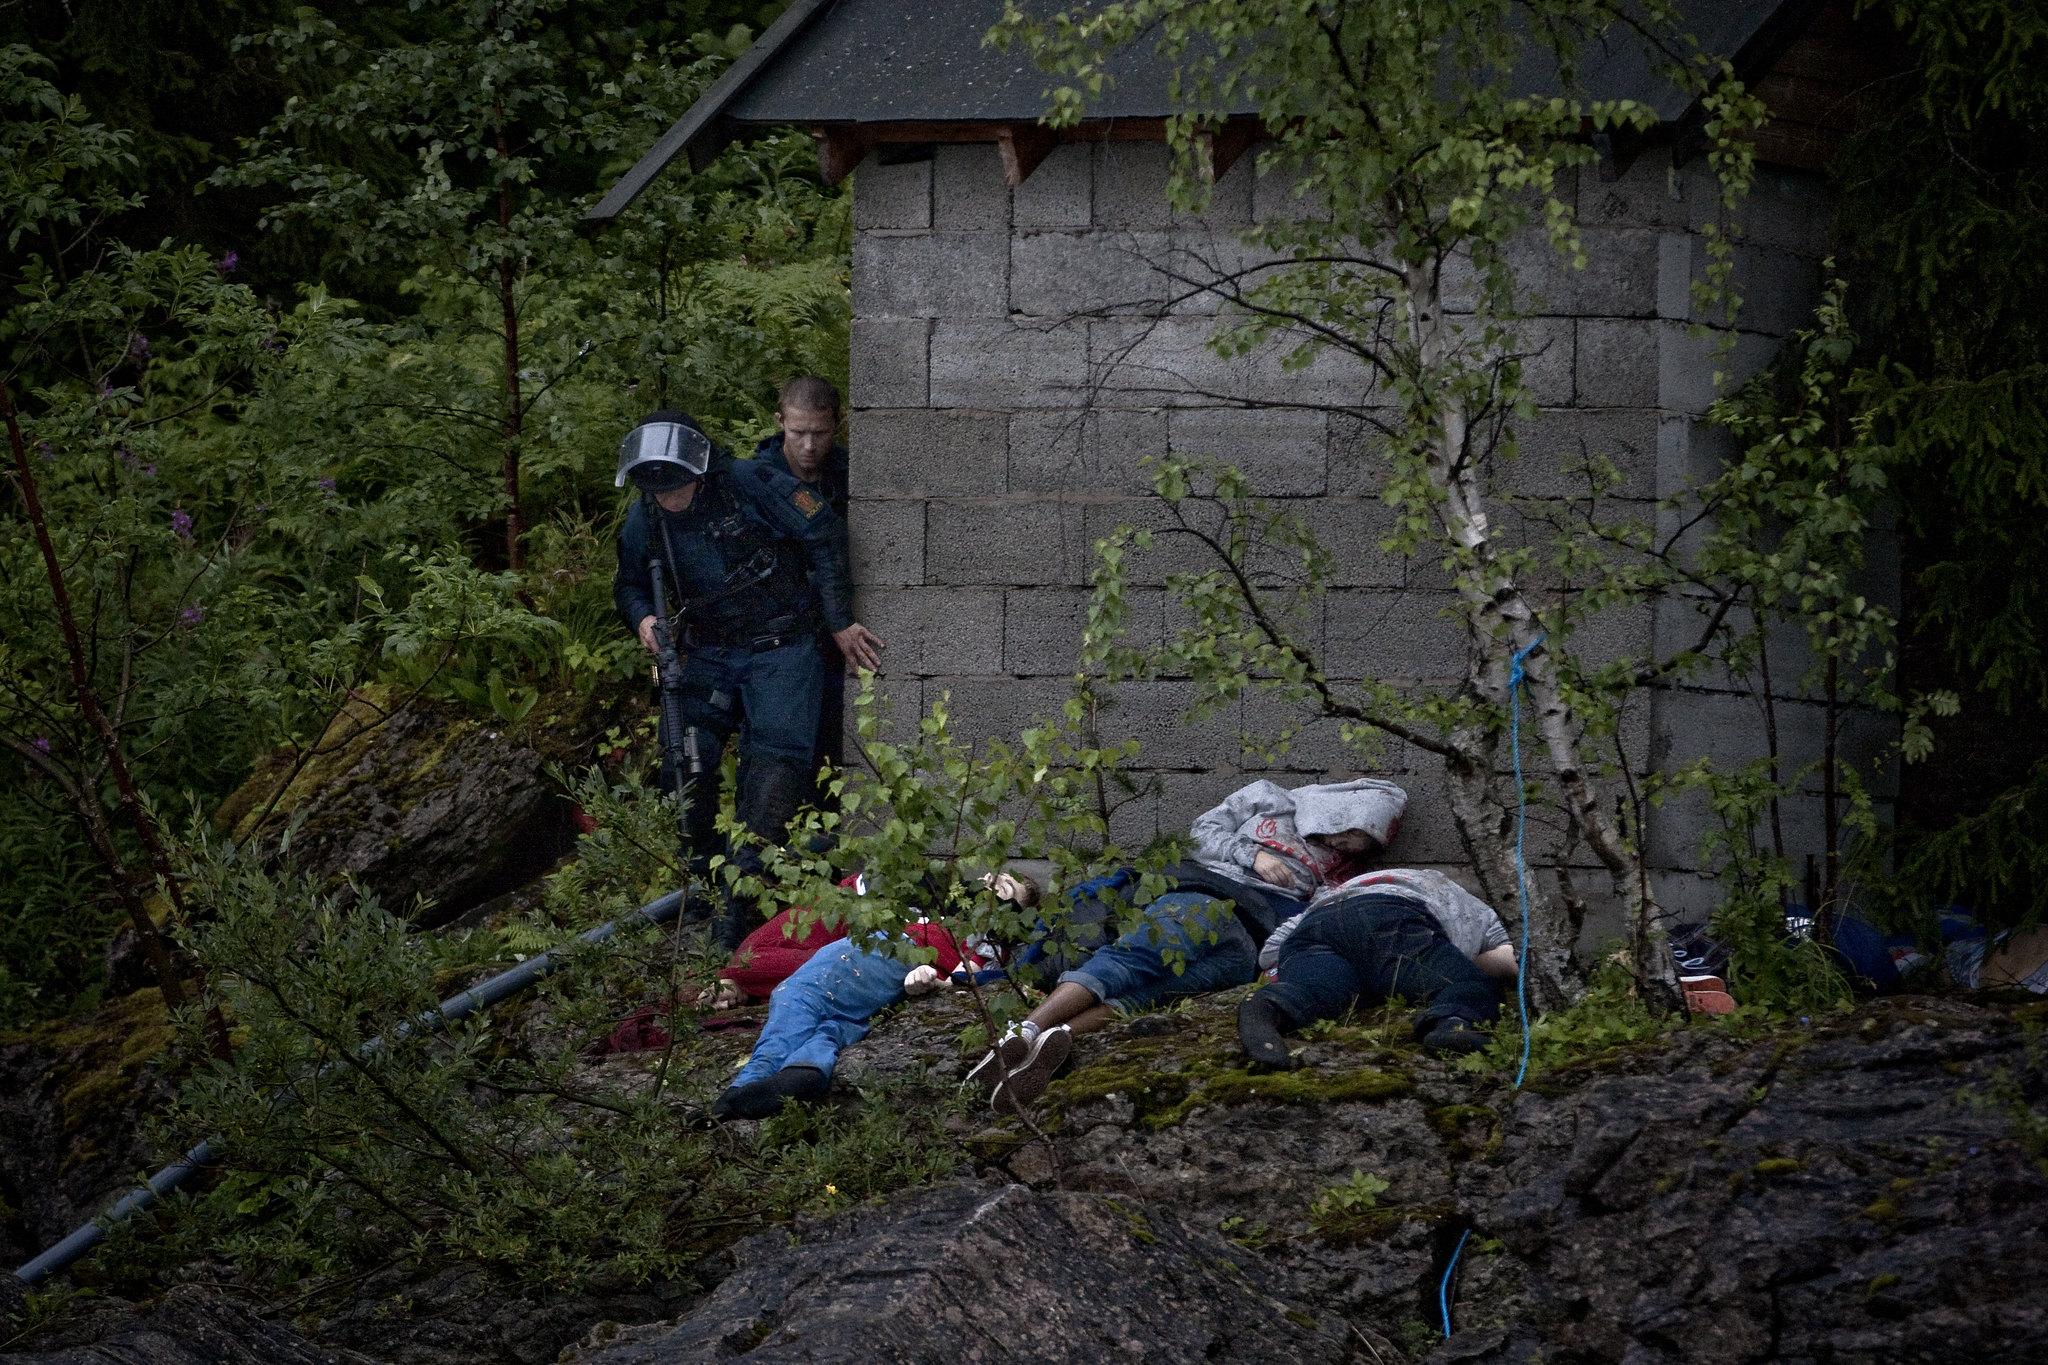 Фото: Никлас Хаммарстрем. Полиция обыскивает остров Утёйа в Норвегии в поисках новых боевиков. 11.07.22